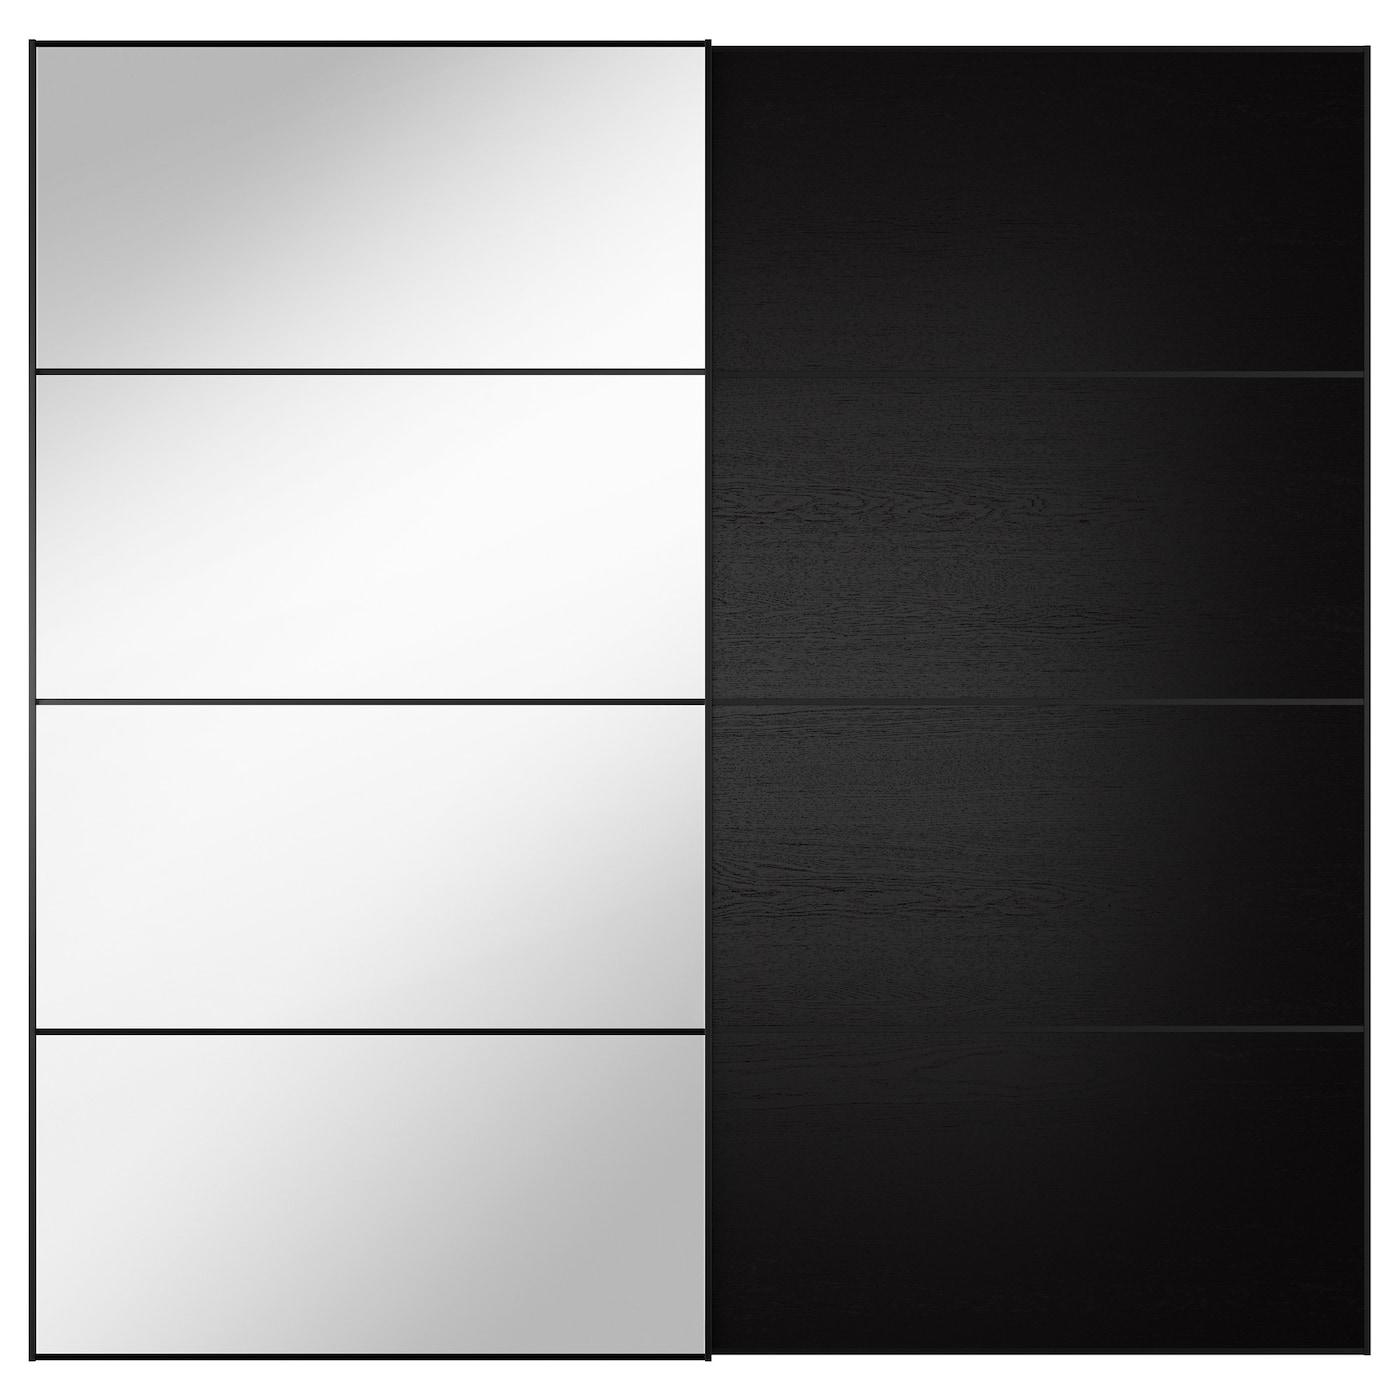 exceptionnel IKEA AULI/ILSENG jeu 2 ptes coul Miroir avec pellicule anti-éclats au dos